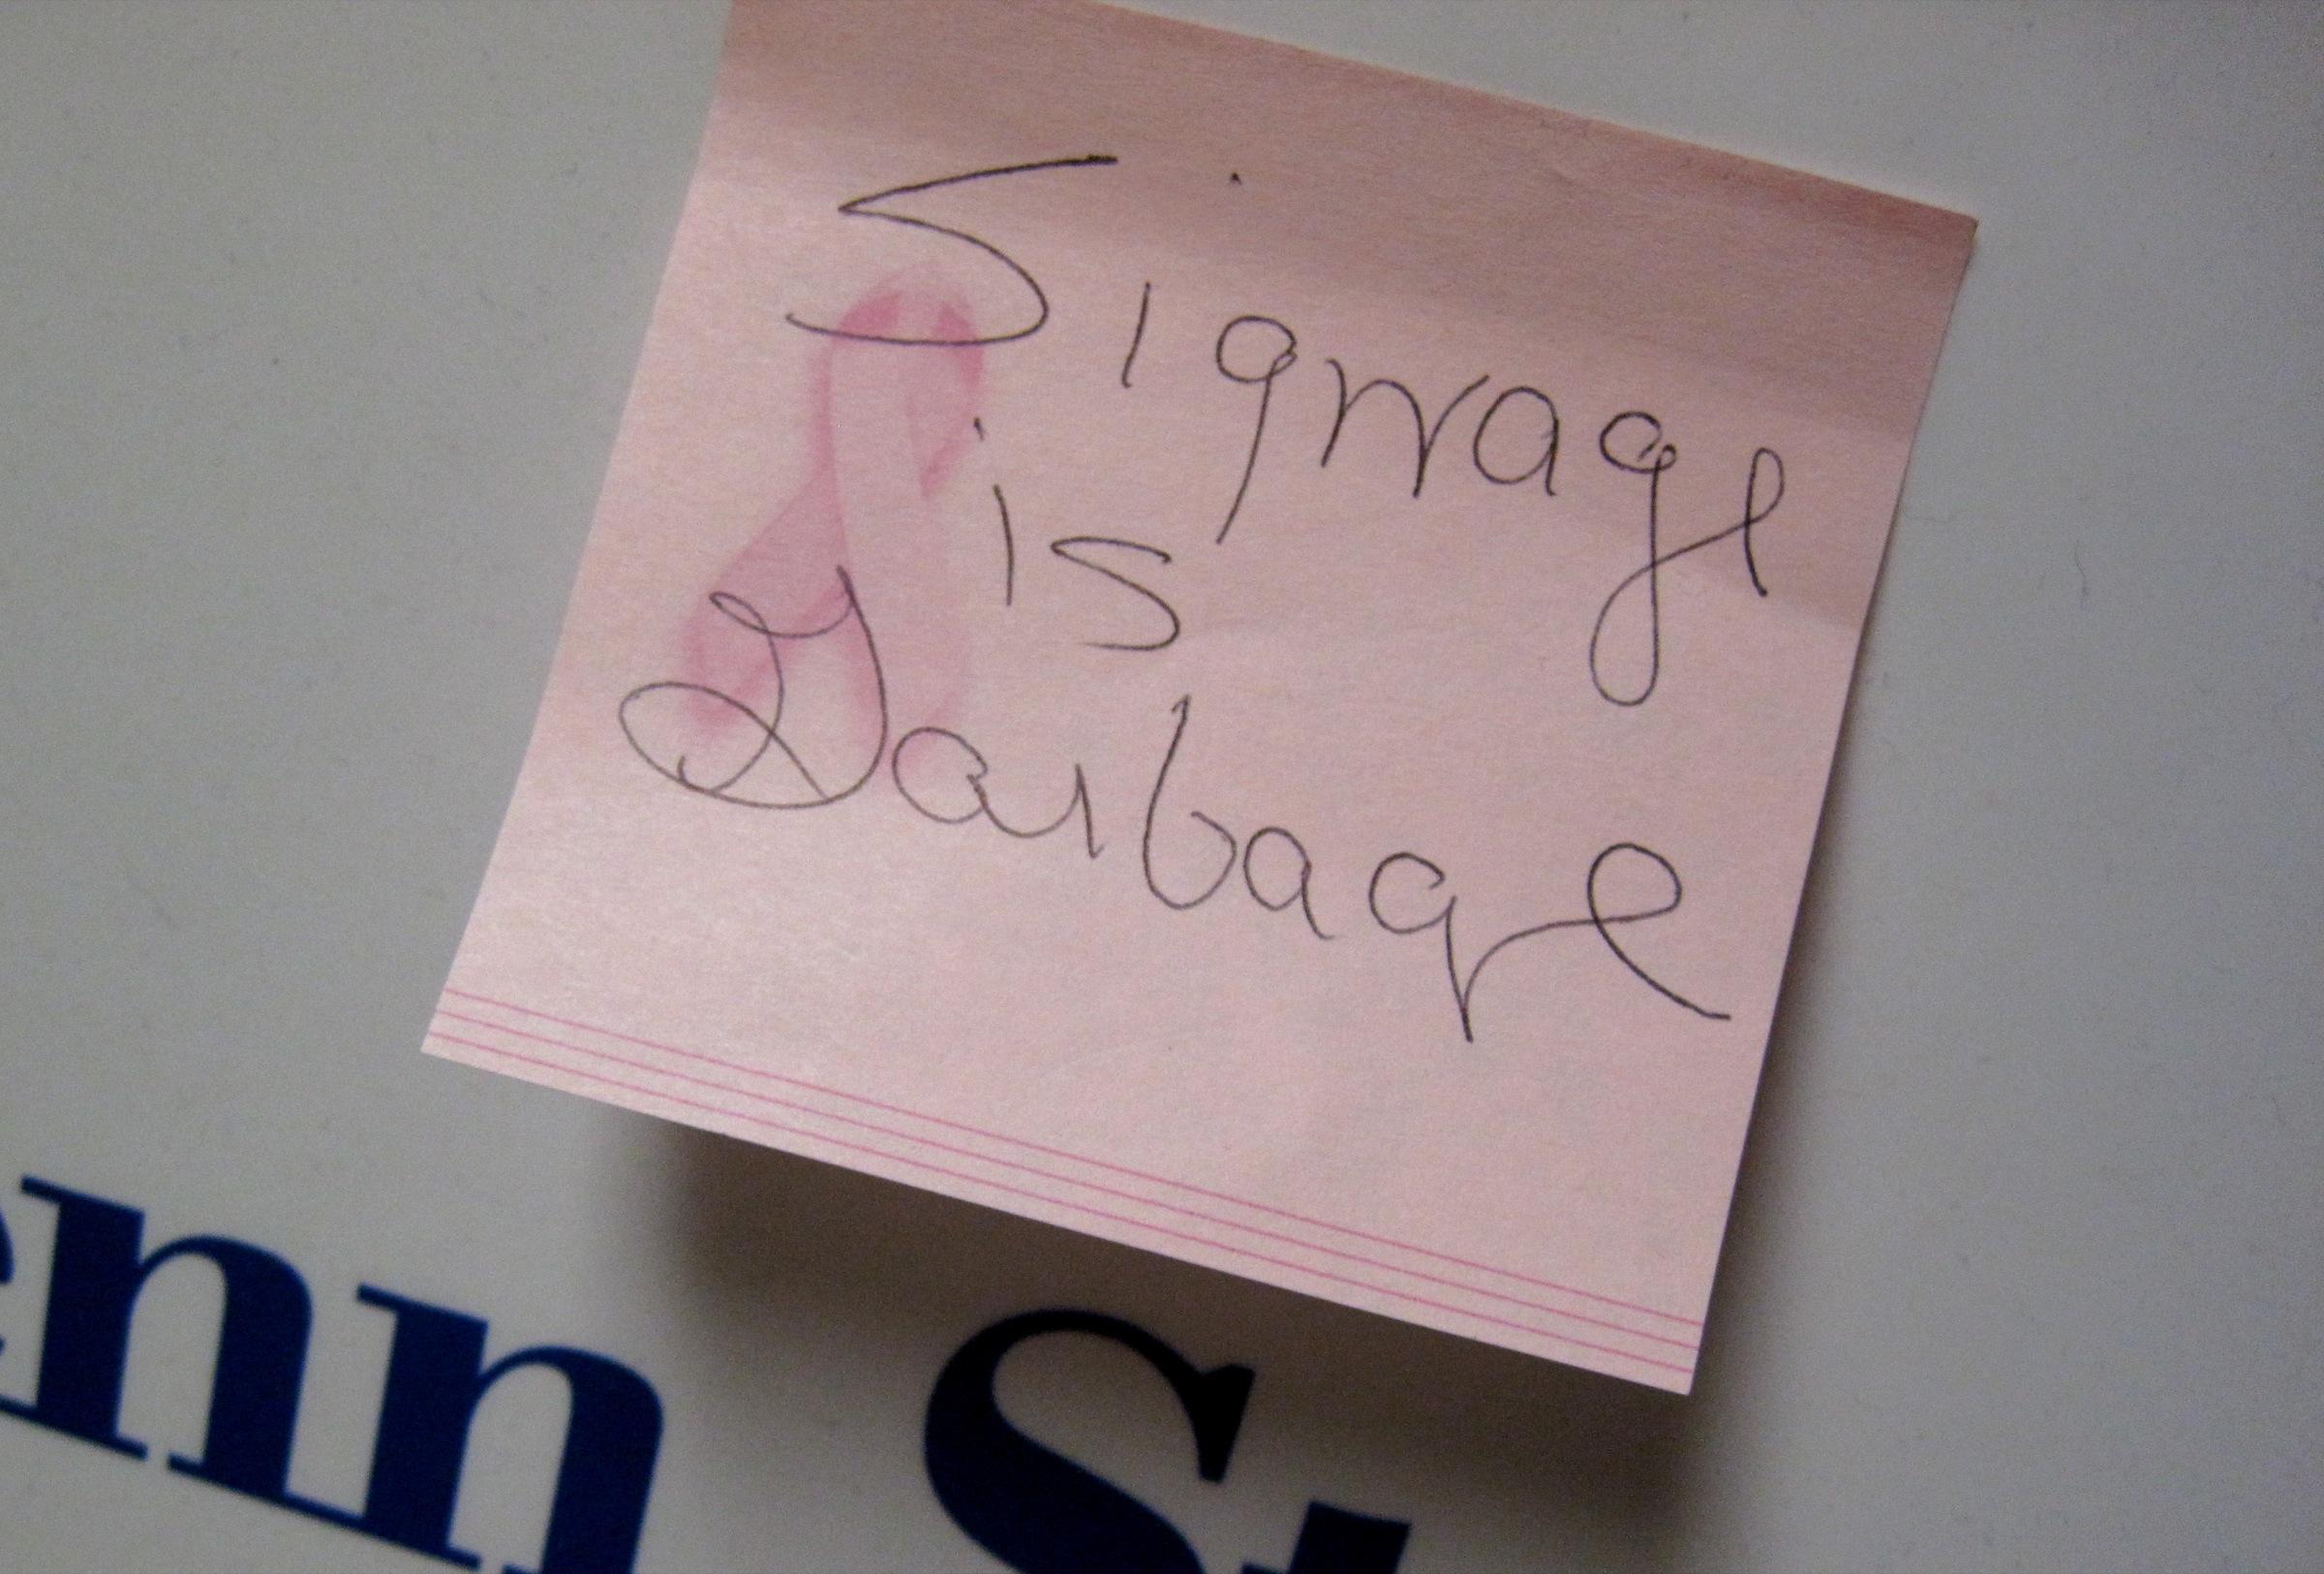 Kostenlose foto : Schreiben, Rosa, Marke, Schriftart, Kunst ...